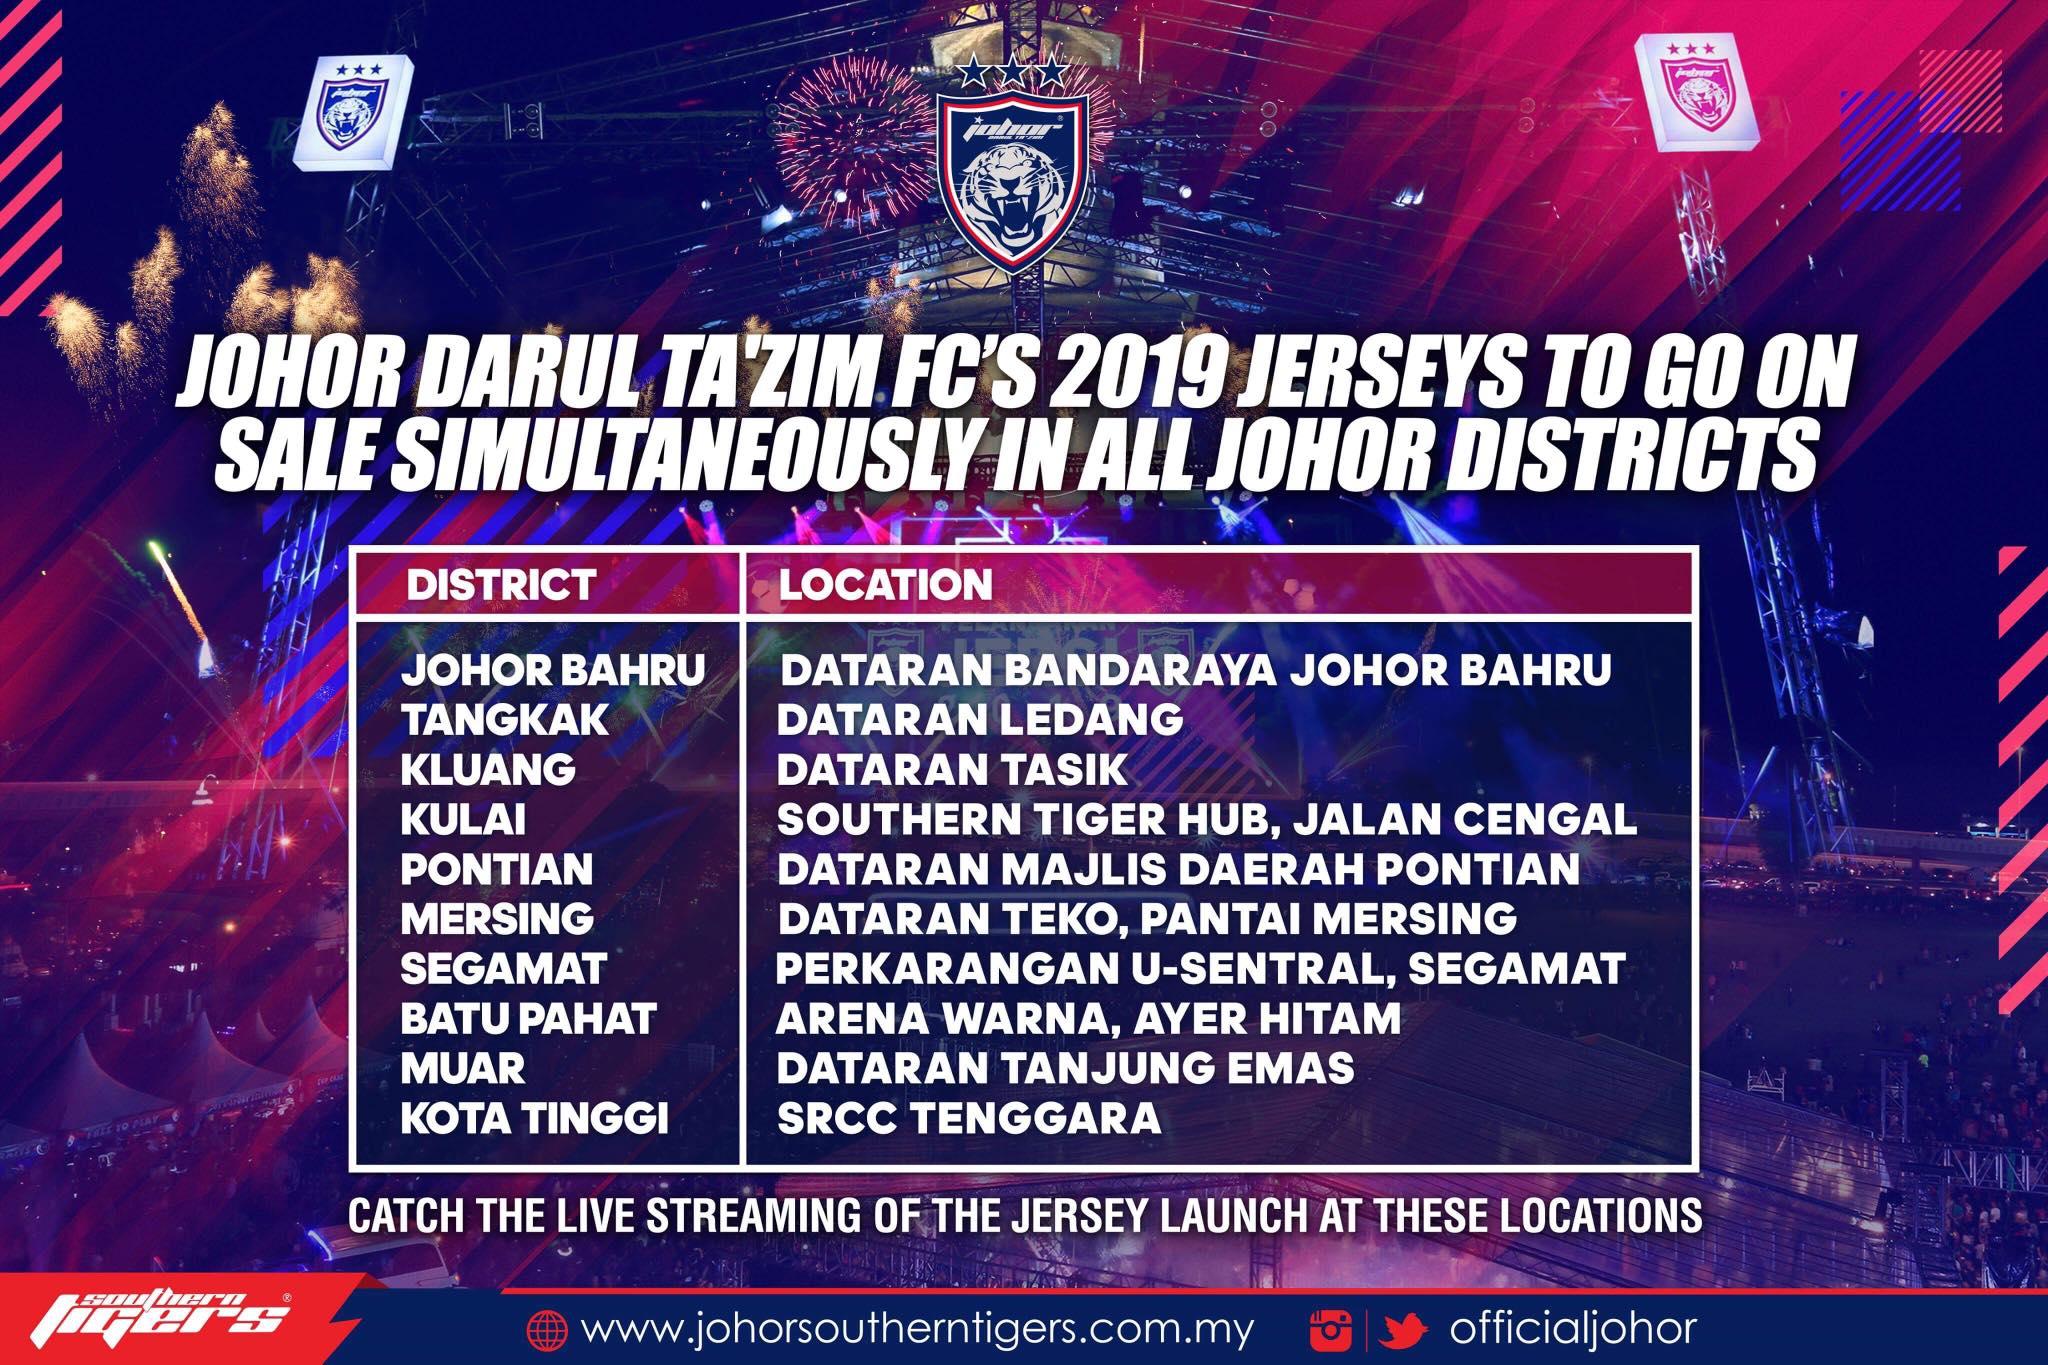 Jualan Jersi Johor Darul Ta'zim 2019